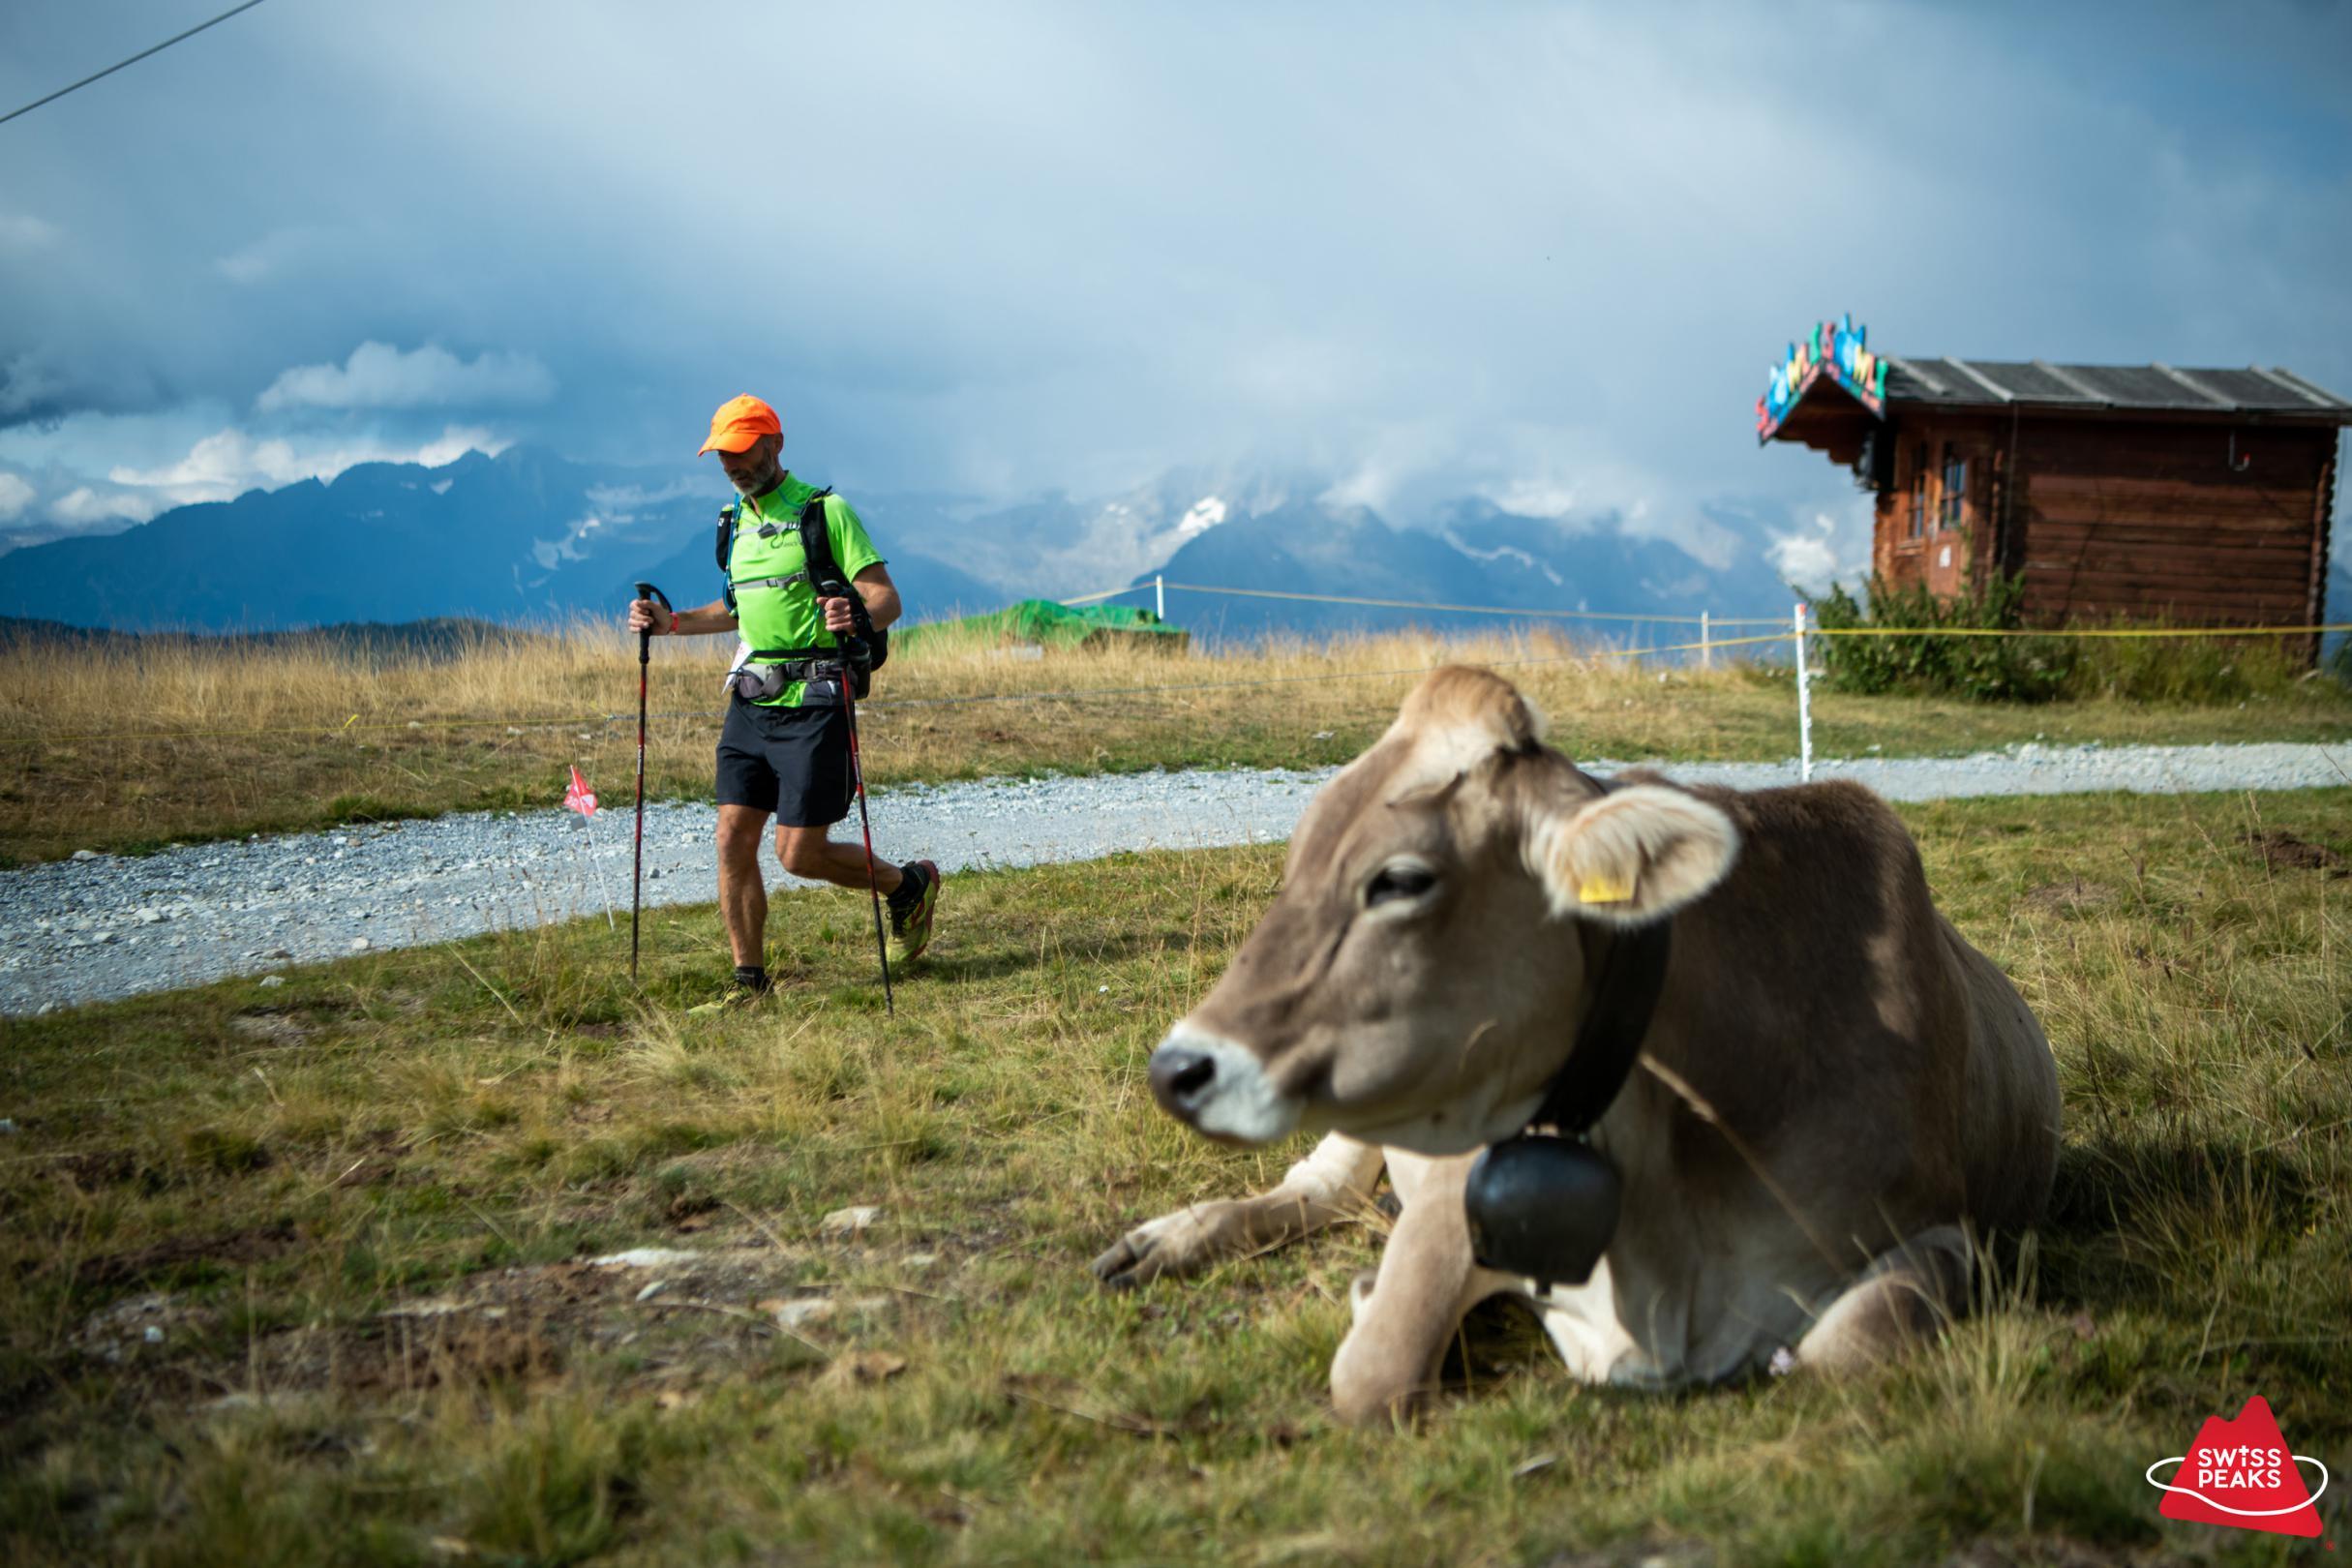 SwissPeaks Trail_Vache et coureur.jpg